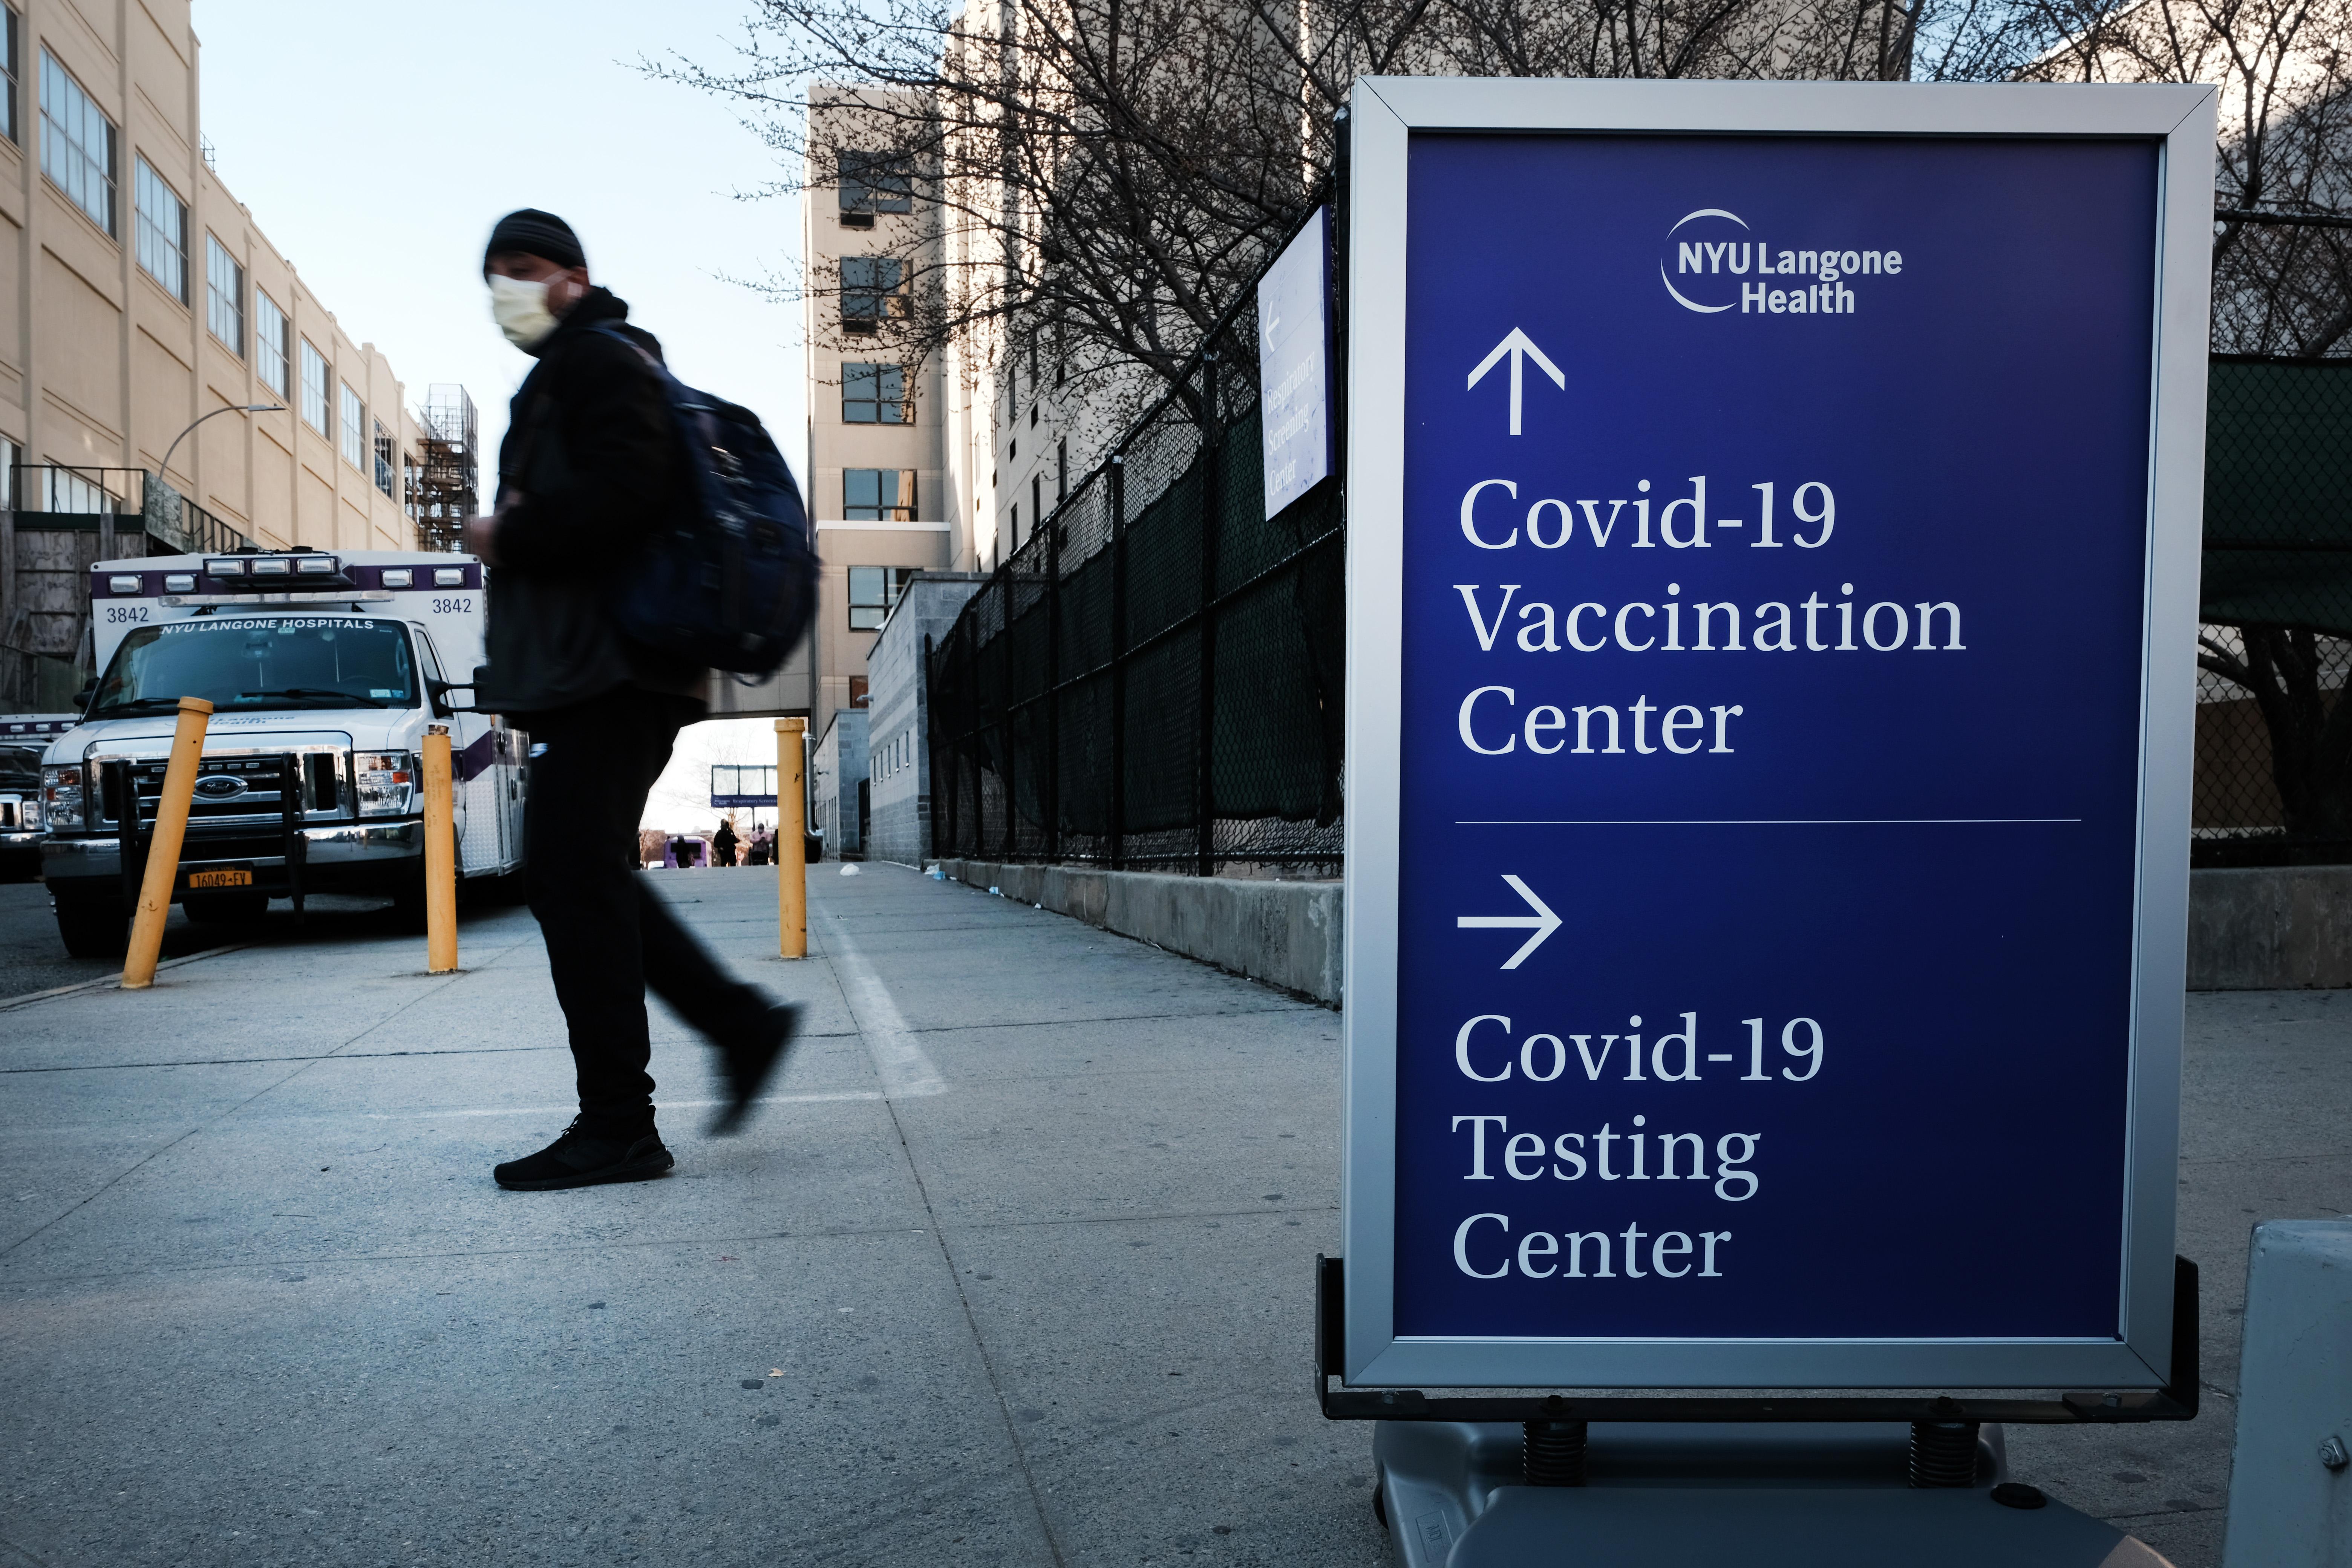 La gente camina junto a un letrero de una clínica de pruebas de Covid-19 y un lugar de vacunación de Covid fuera de un hospital de Brooklyn el 29 de marzo de 2021 en el distrito de Brooklyn de la ciudad de Nueva York.